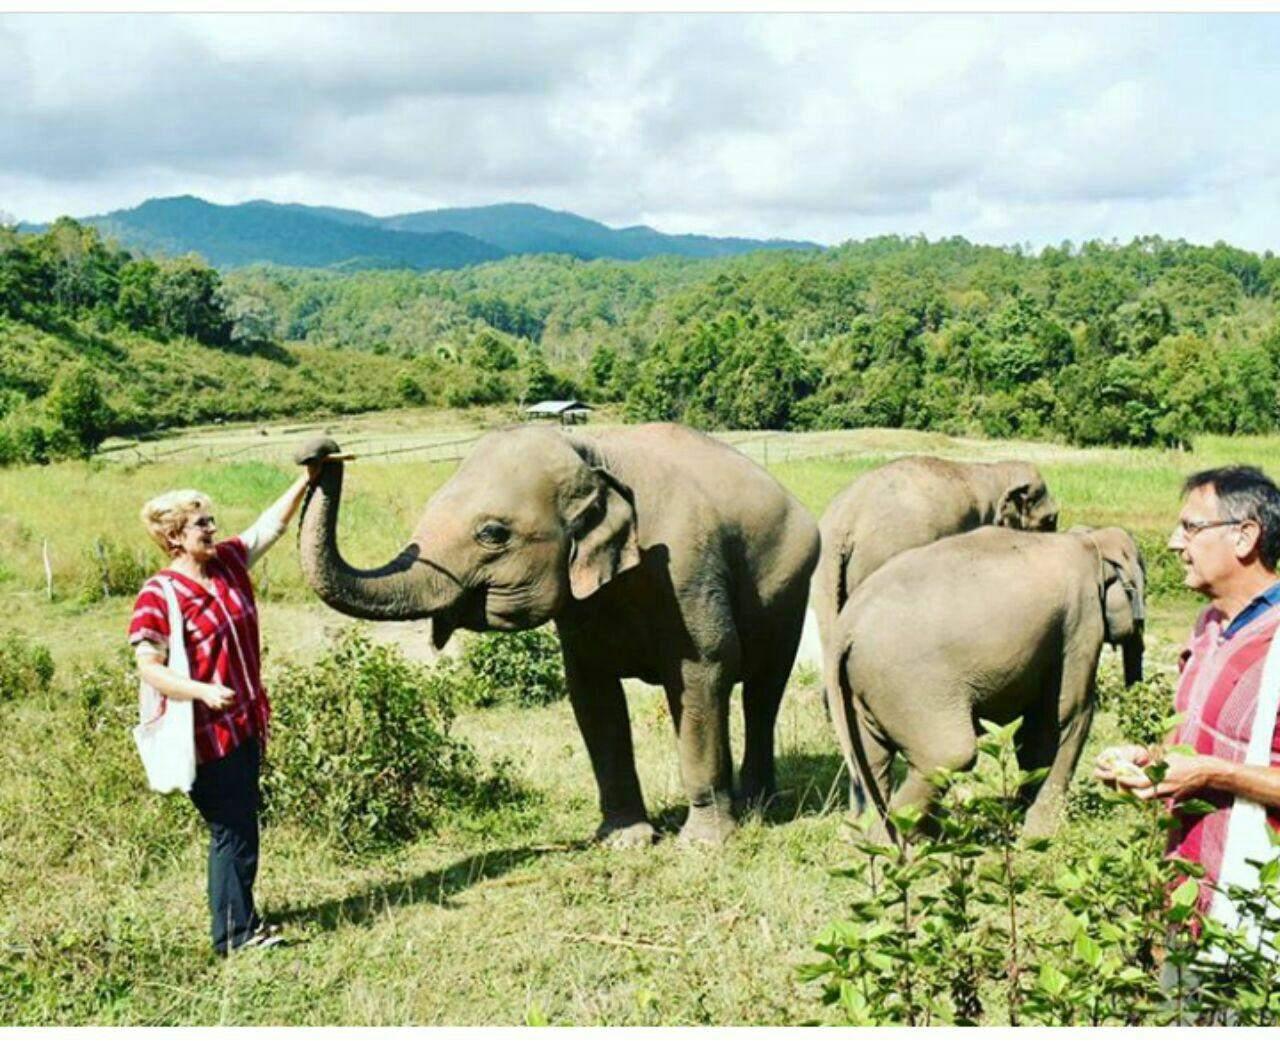 97 12 c33 573 - زندگی مشترک خانواده ای با فیل ها